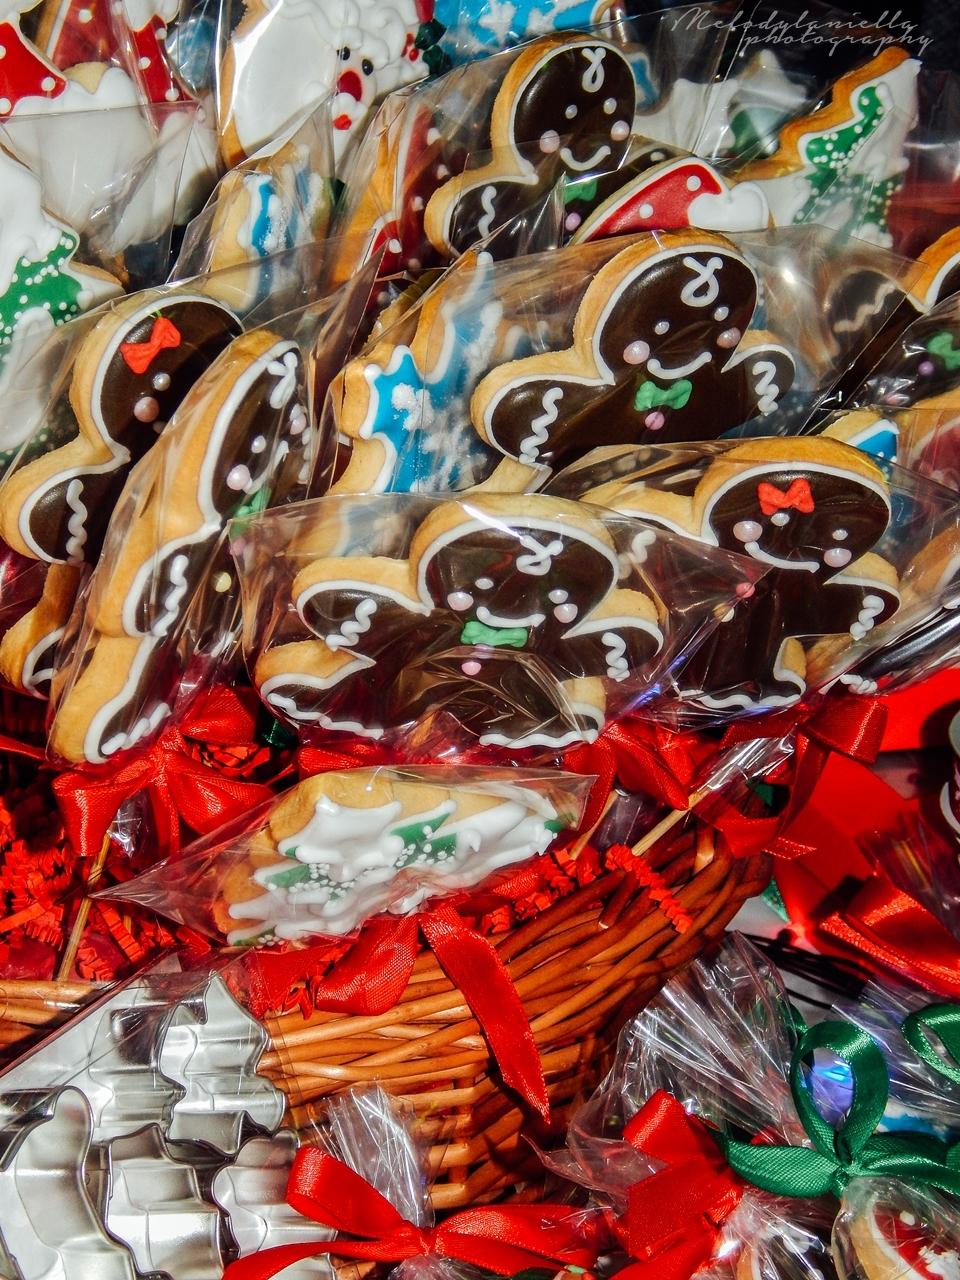 świąteczne pierniki boże narodzenie jarmark świąteczny pomysły na prezent